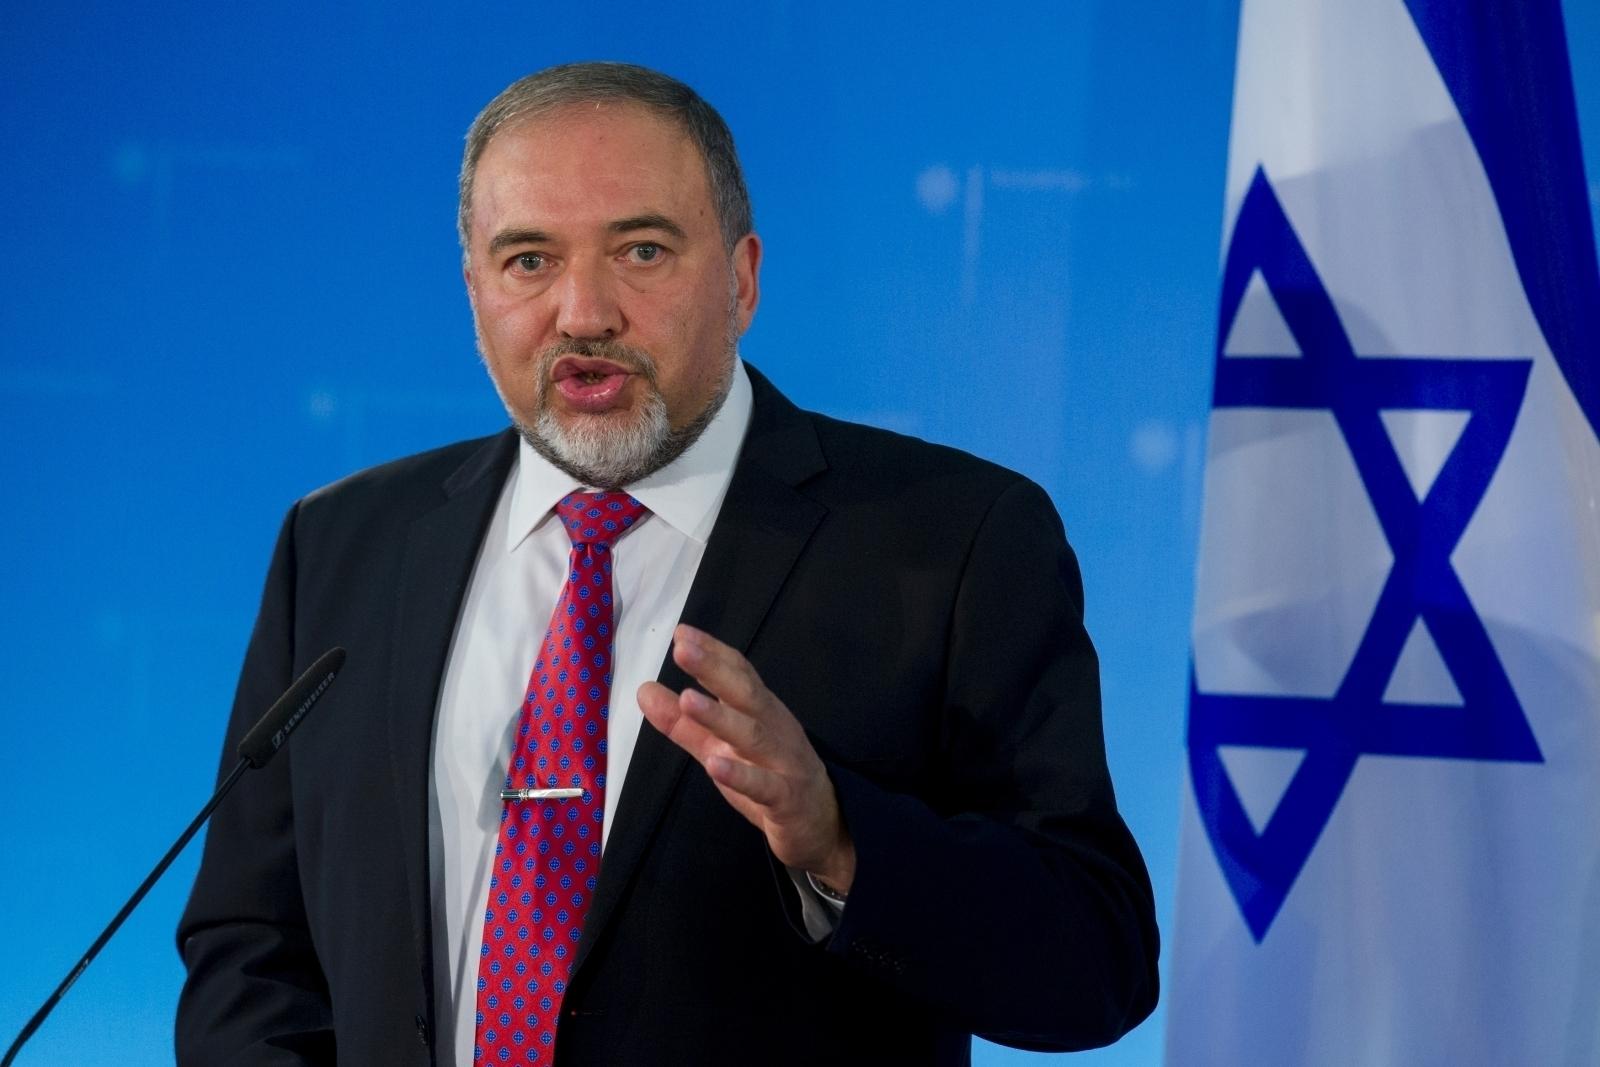 Ministrul israelian Avigdor Lieberman dorește declanșarea unei ofensive aeriene împotriva obiectivelor nucleare iraniene